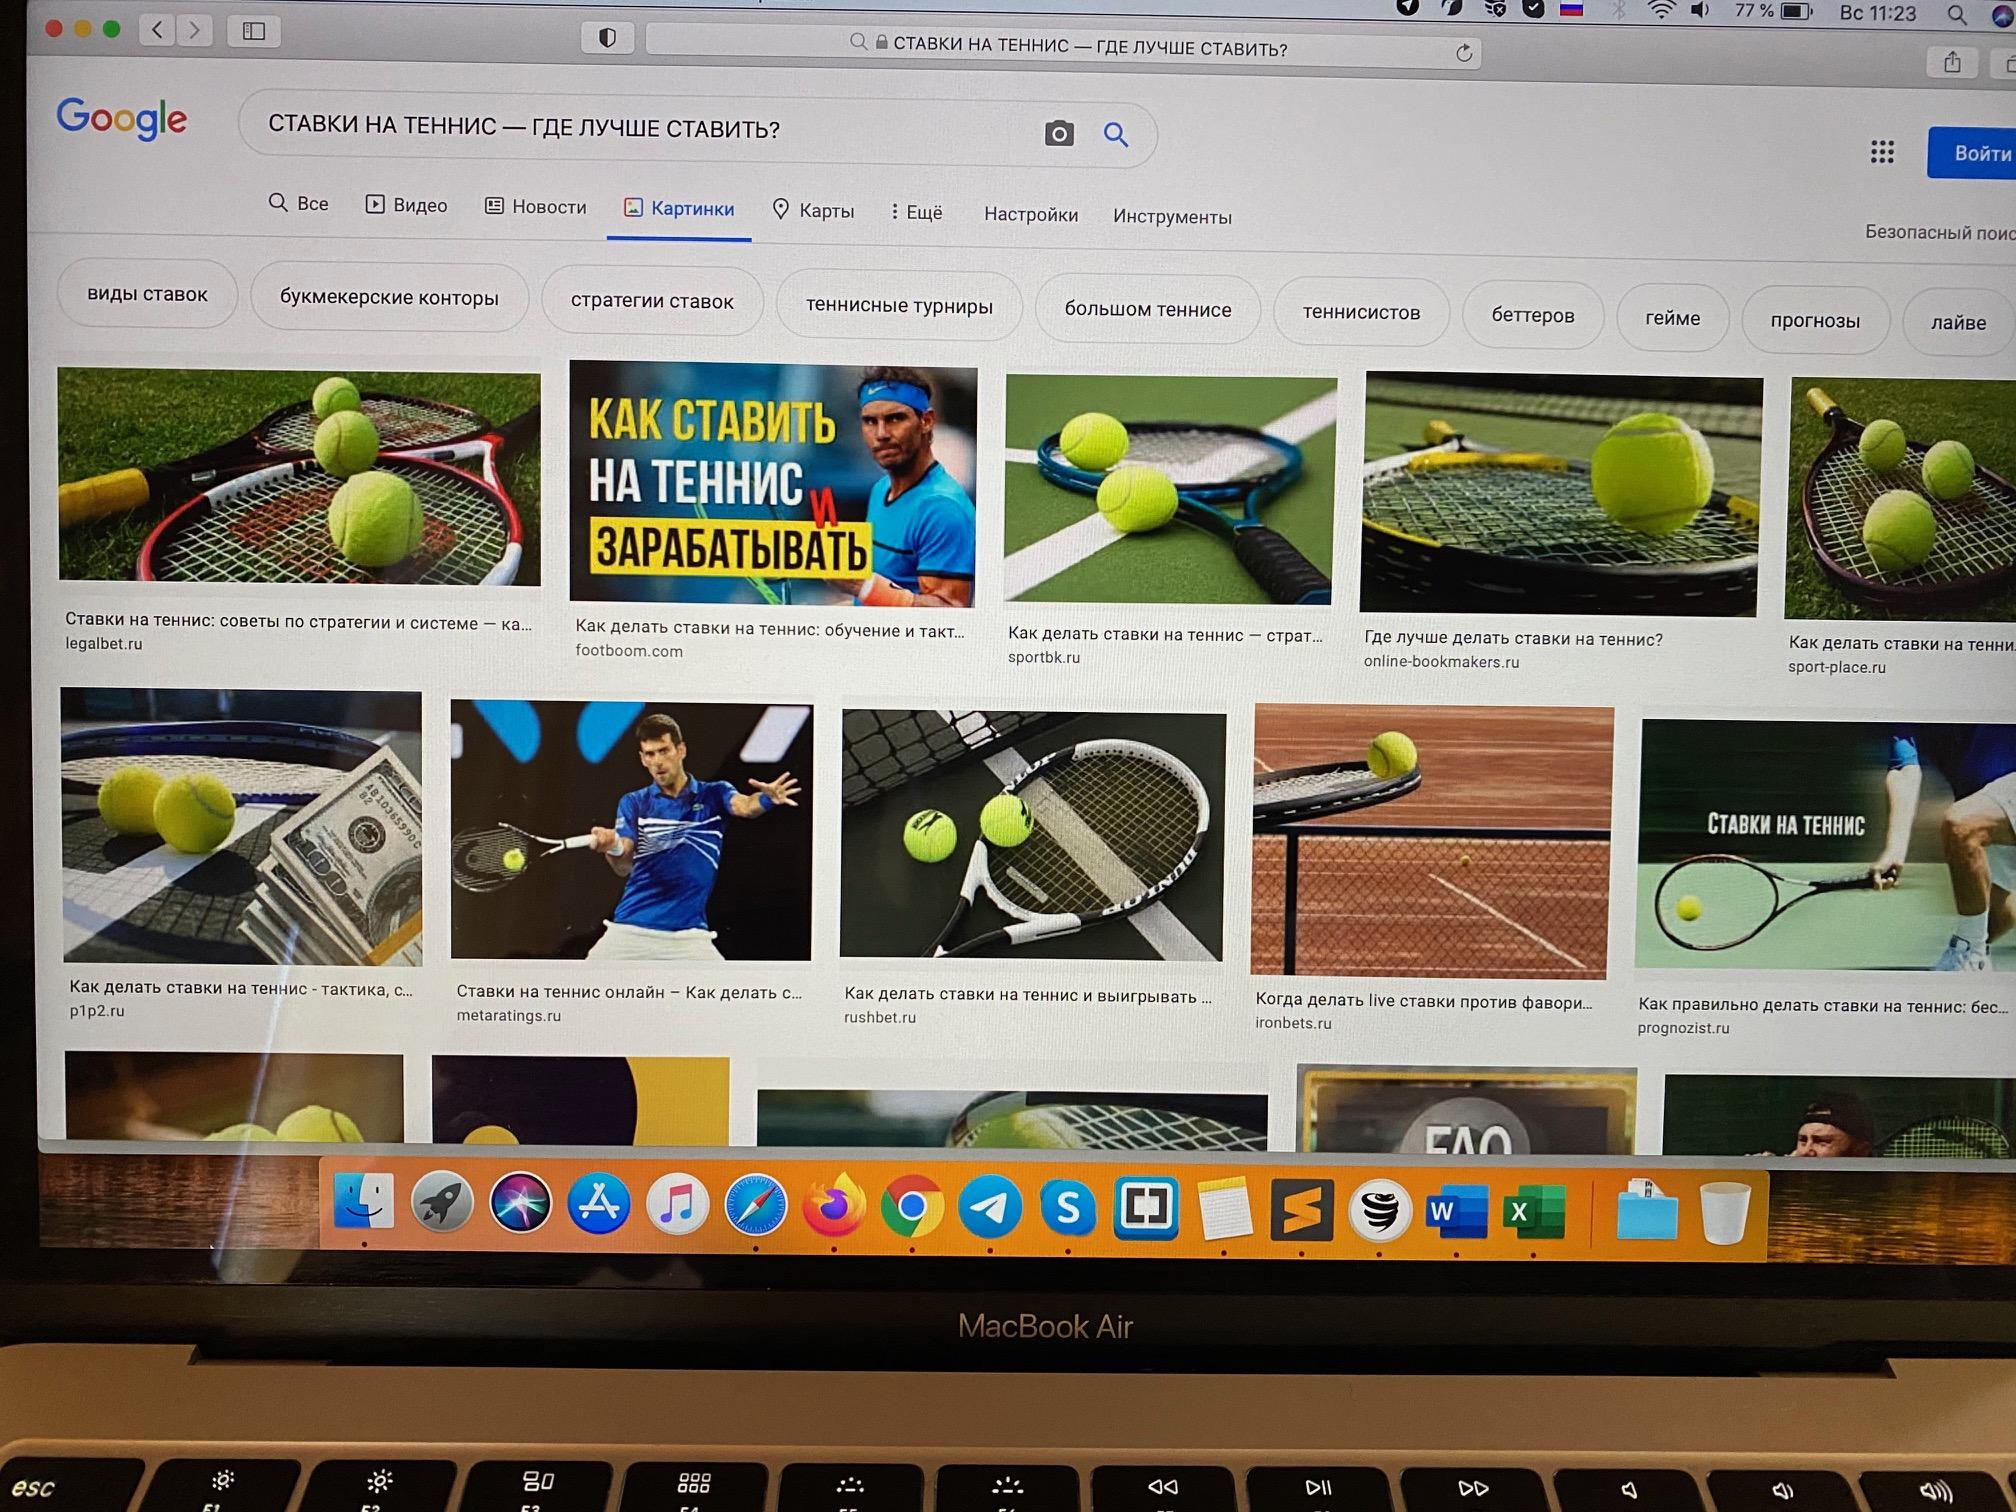 Ставки на теннис — где лучше ставить?